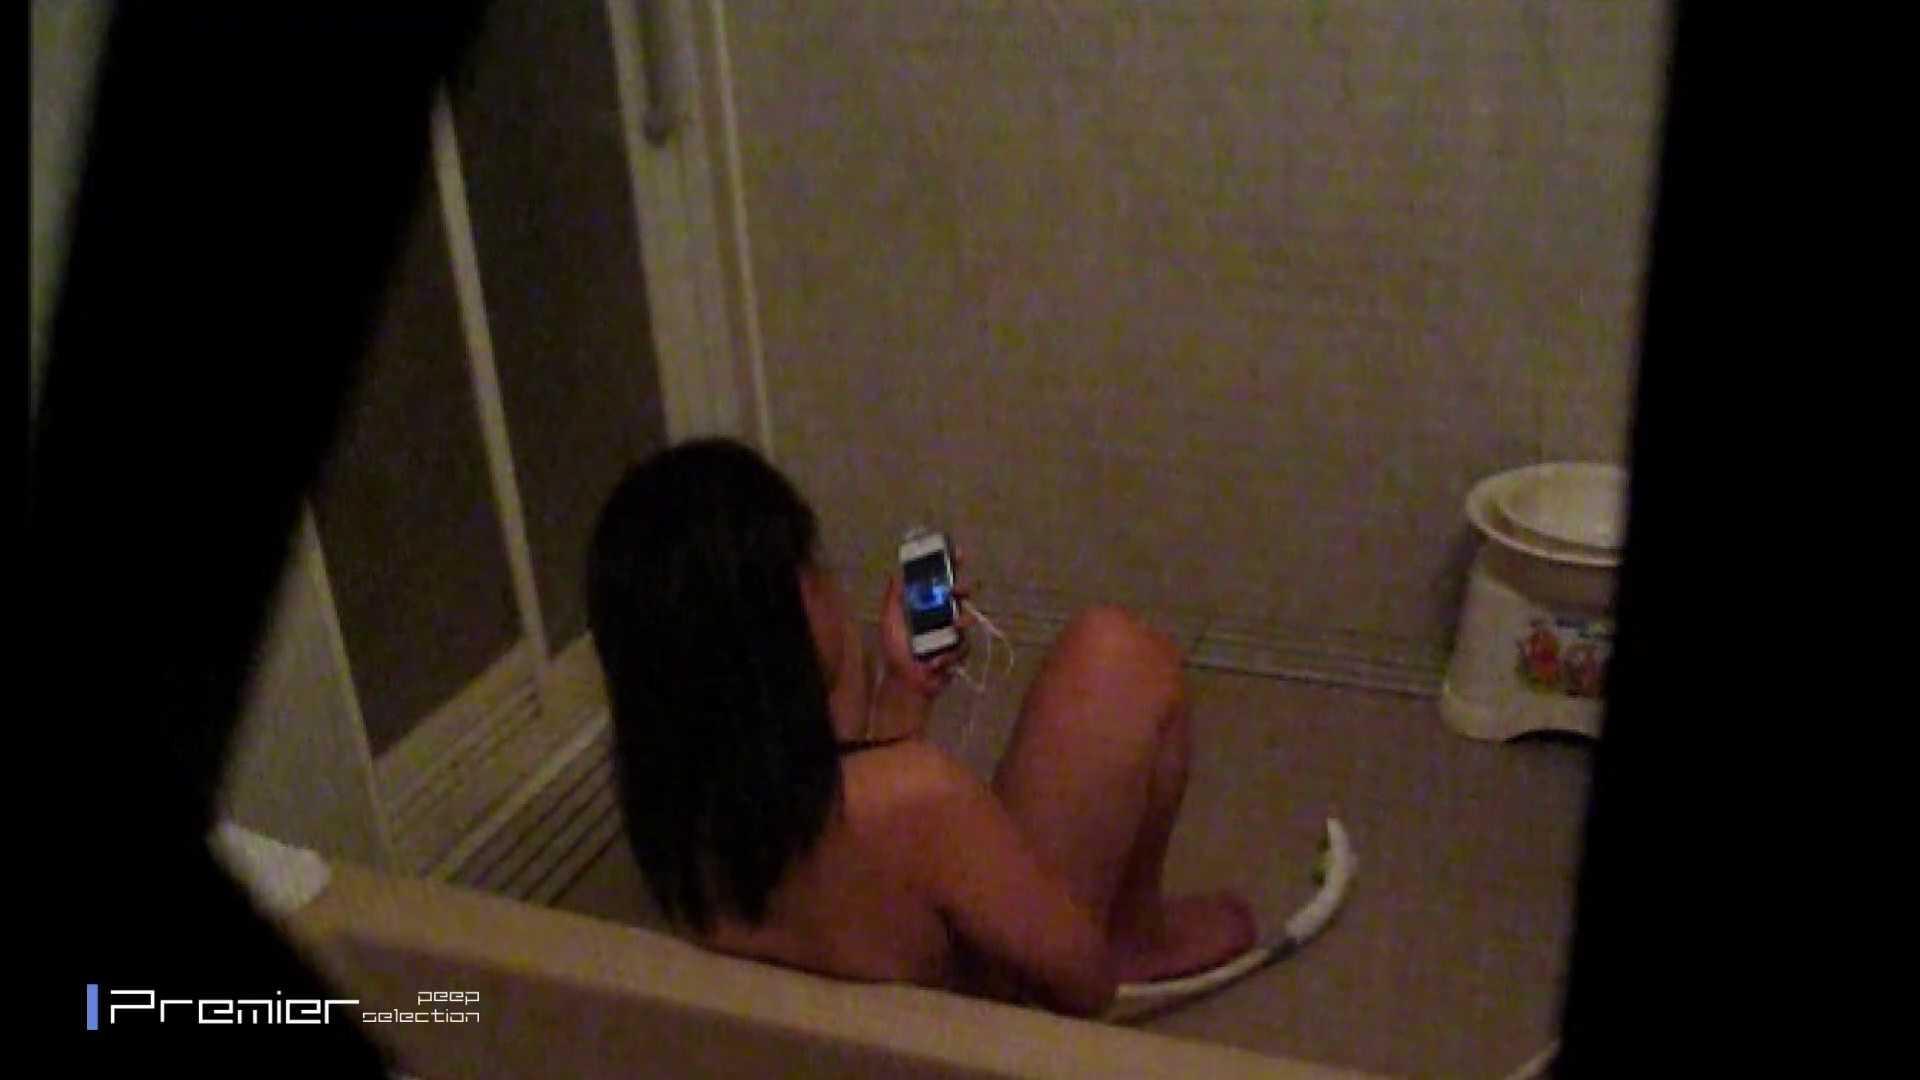 携帯触りなが満子をいじる 乙女の風呂場 Vol.19 OLの実態 | 盗撮  98pic 5